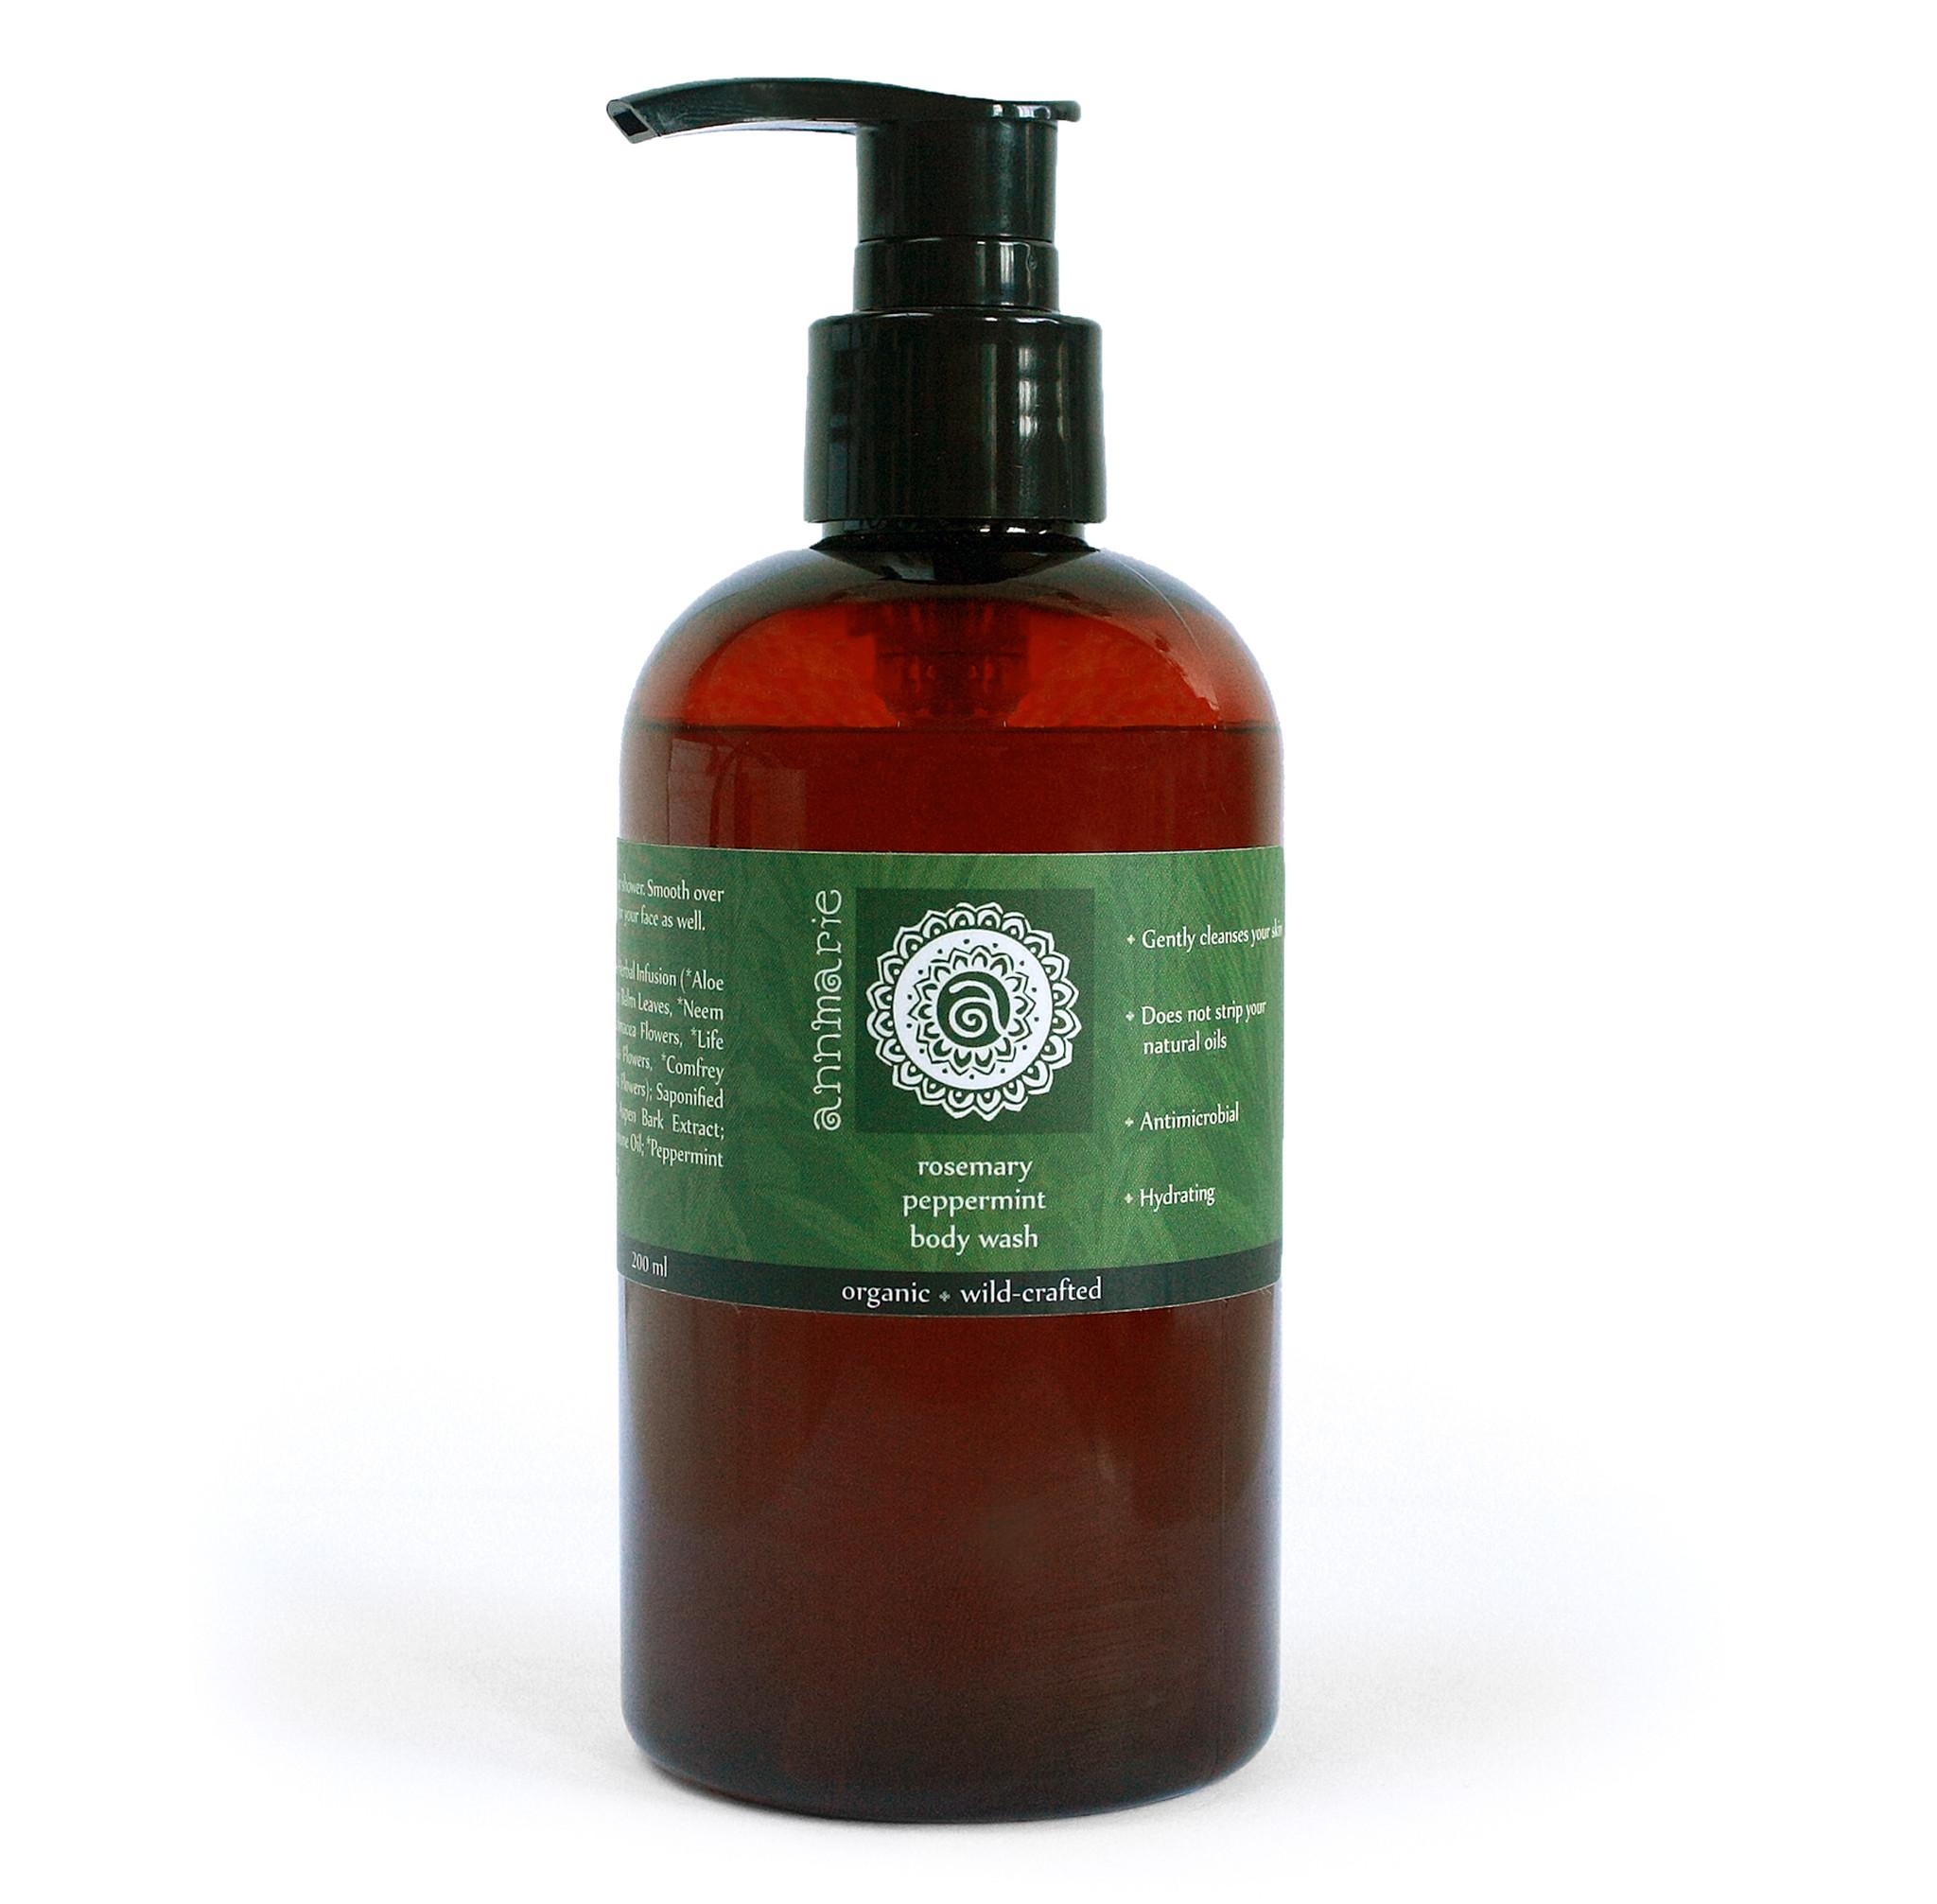 asc-150220-roseymary-body-wash